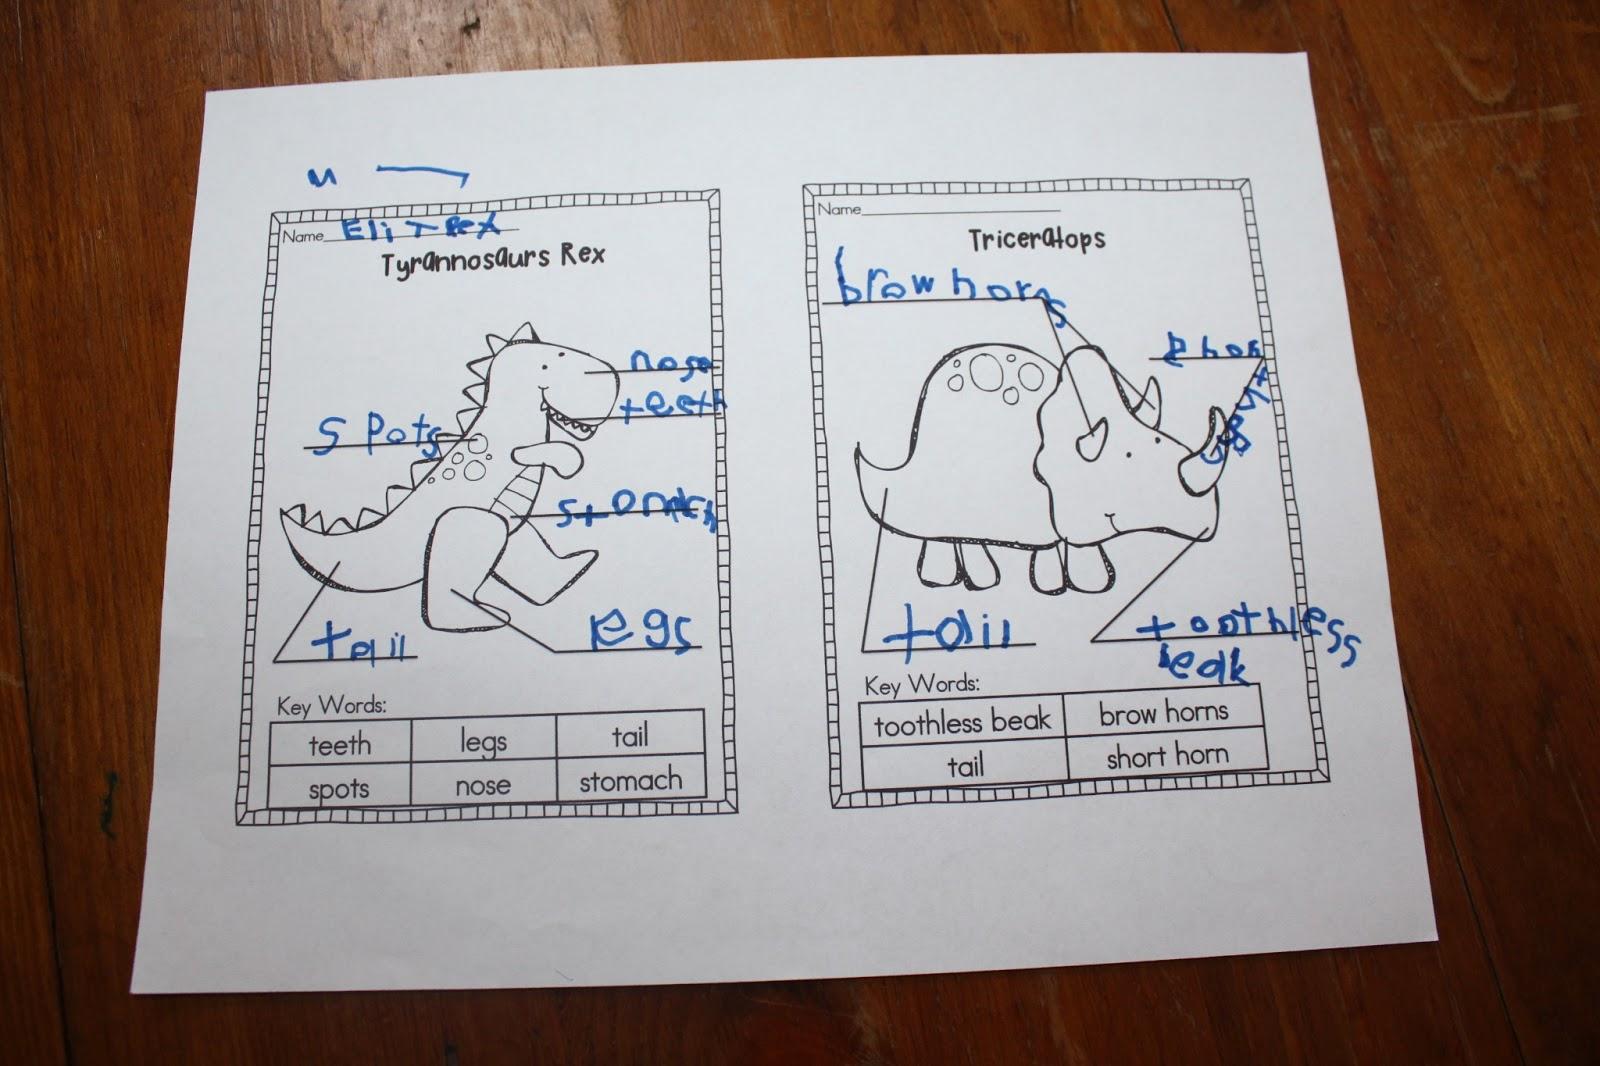 Dinosaurs interactive notebook venn diagrams network visio shapes dinosaurs interactive notebook venn diagrams dinosaurs interactive notebook venn diagrams pooptronica Gallery